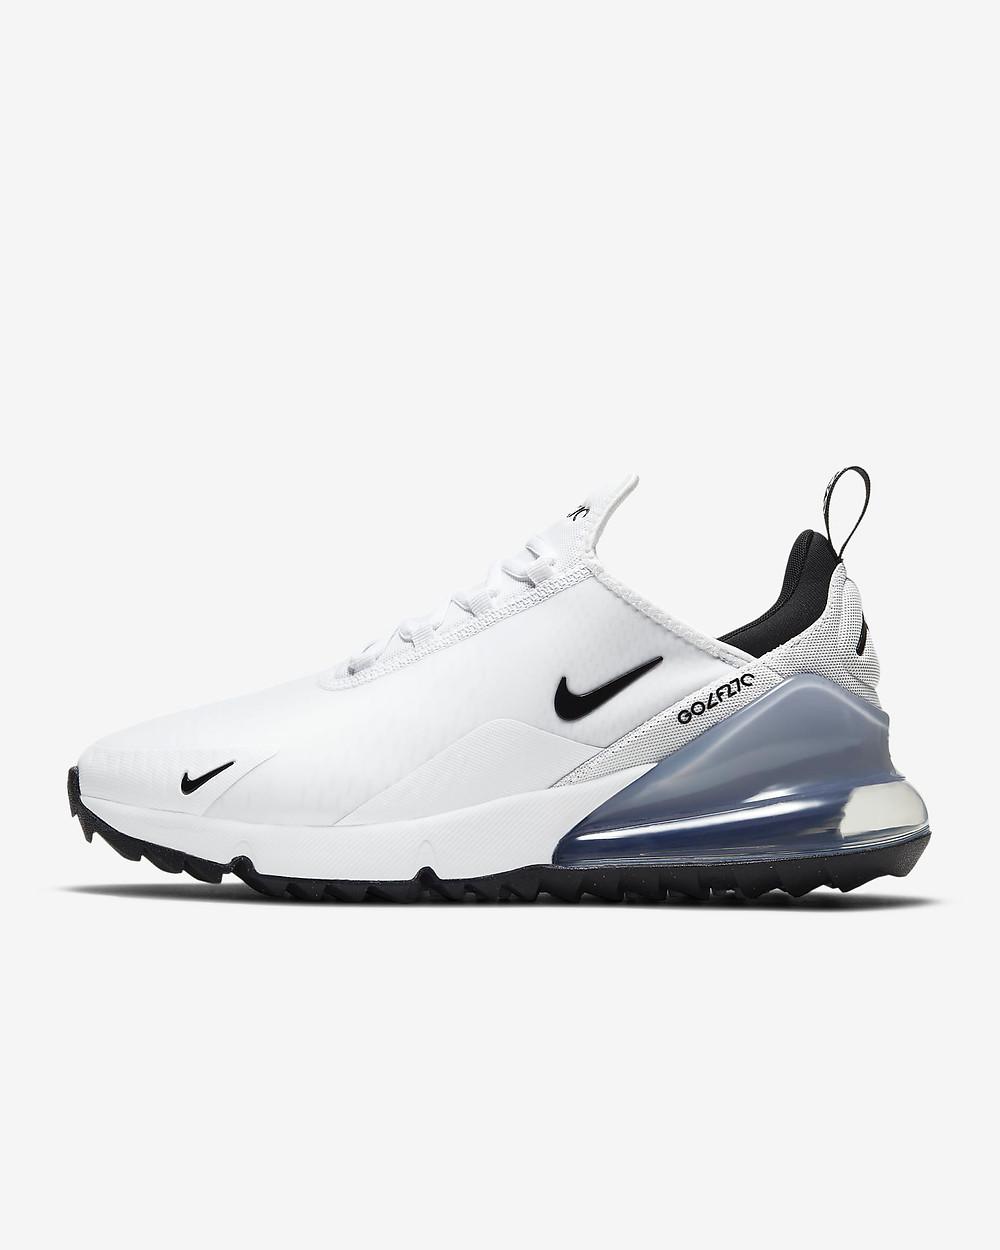 scarpa da golf air max 270 g